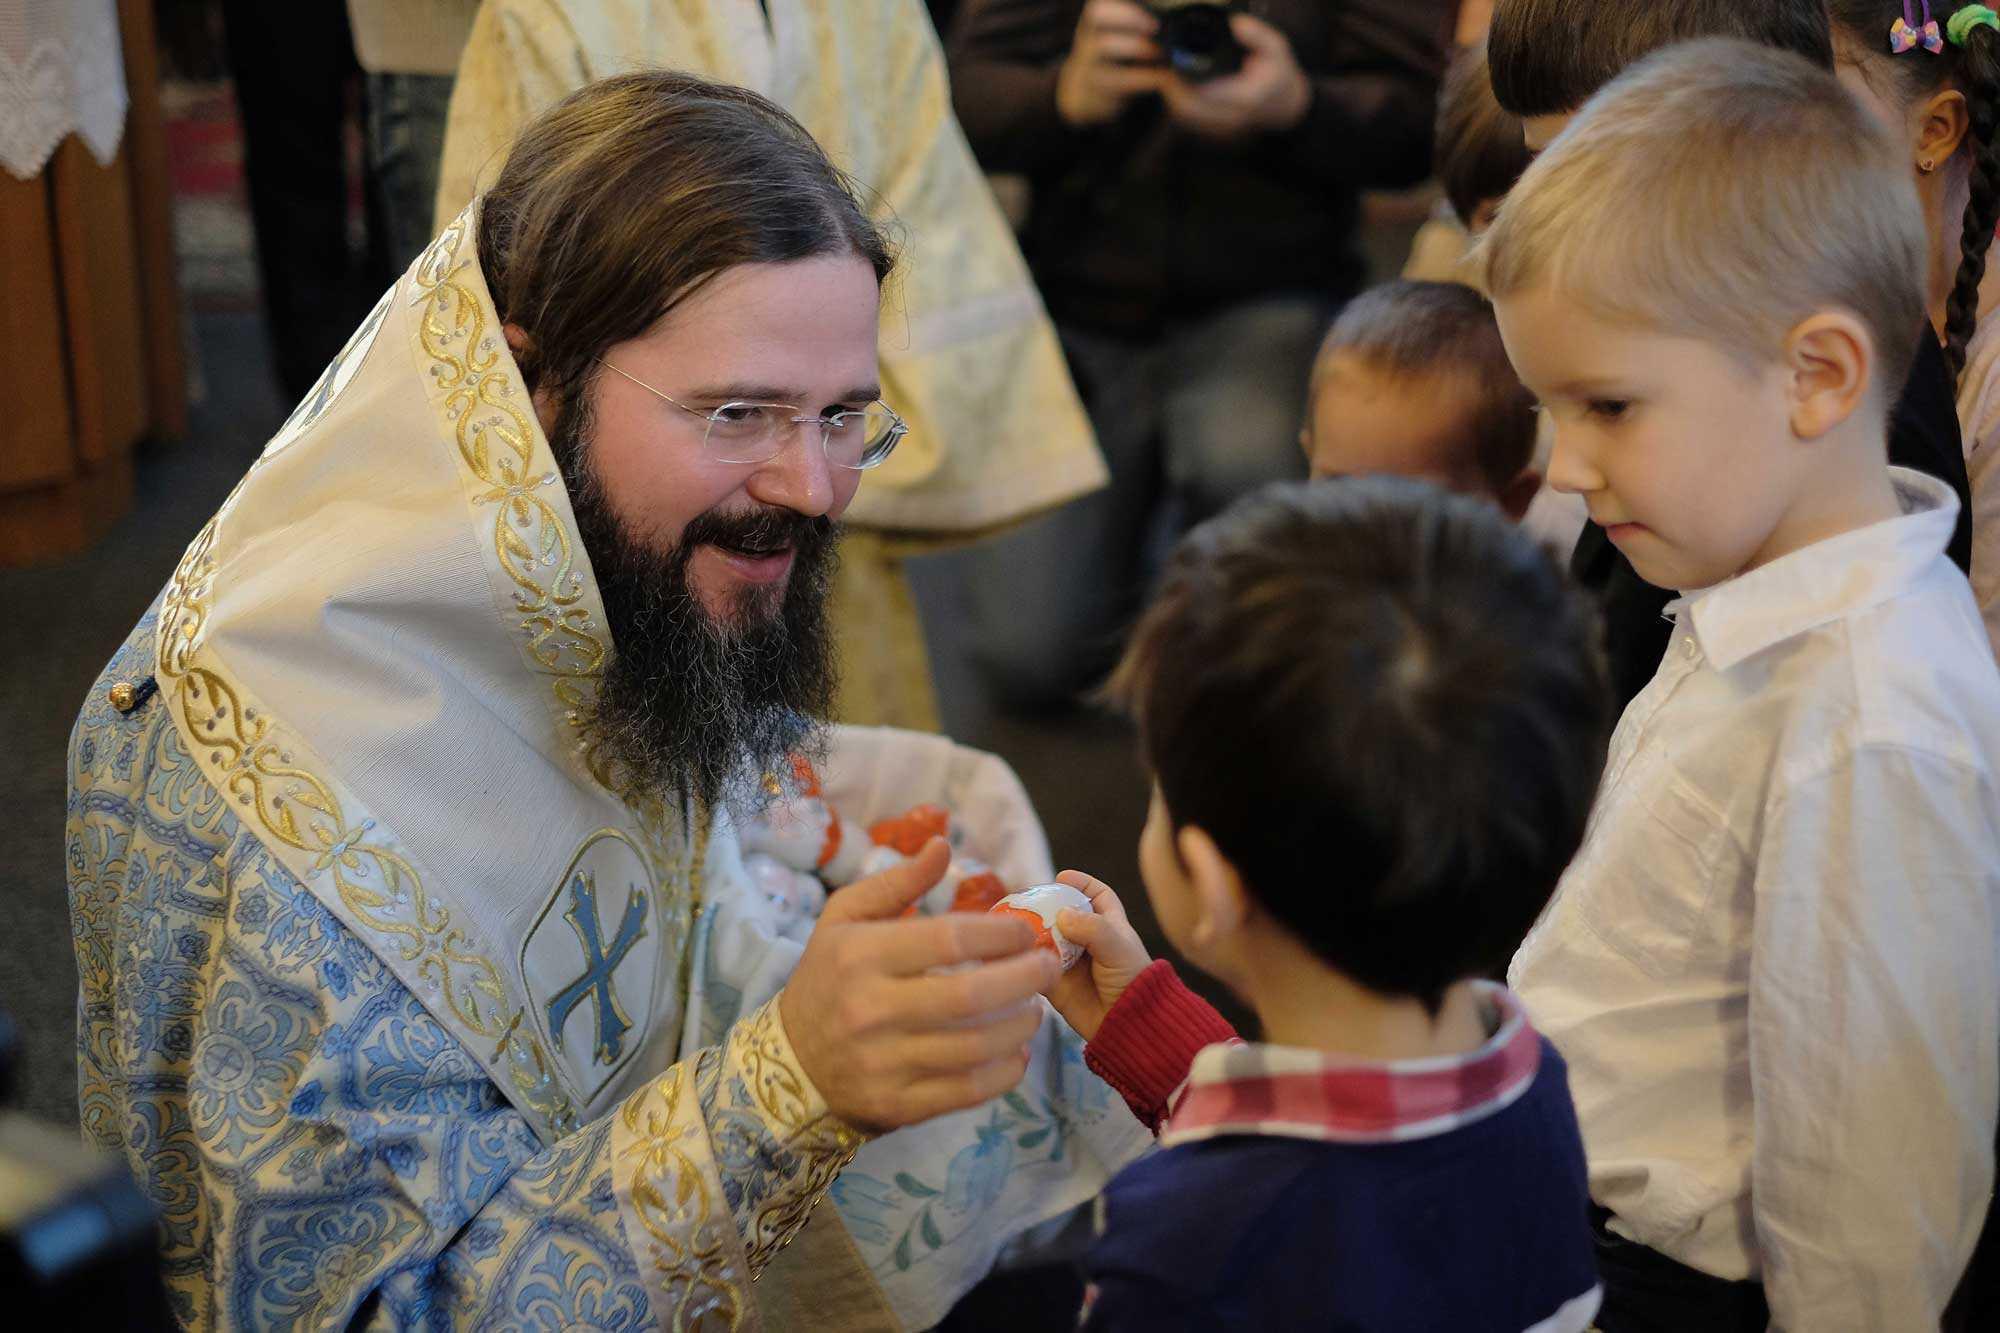 Episcopia Ortodoxă Română a Europei de Nord inițiază un proiect de BURSE PENTRU COPIII SĂRACI din Copșa Mică/ PS MACARIE despre CULTIVAREA DELIBERATĂ A DUHULUI DE CÂRTIRE față de Dumnezeu și rânduielile firești, ÎN LUMEA DE AZI: <i>&#8220;Nu e bine că suntem femei și bărbați, nu e bine că suntem europeni și creștini, nu e bine că suntem națiuni și că trăim în state naționale. Totul incită la revoltă&#8221;</i>